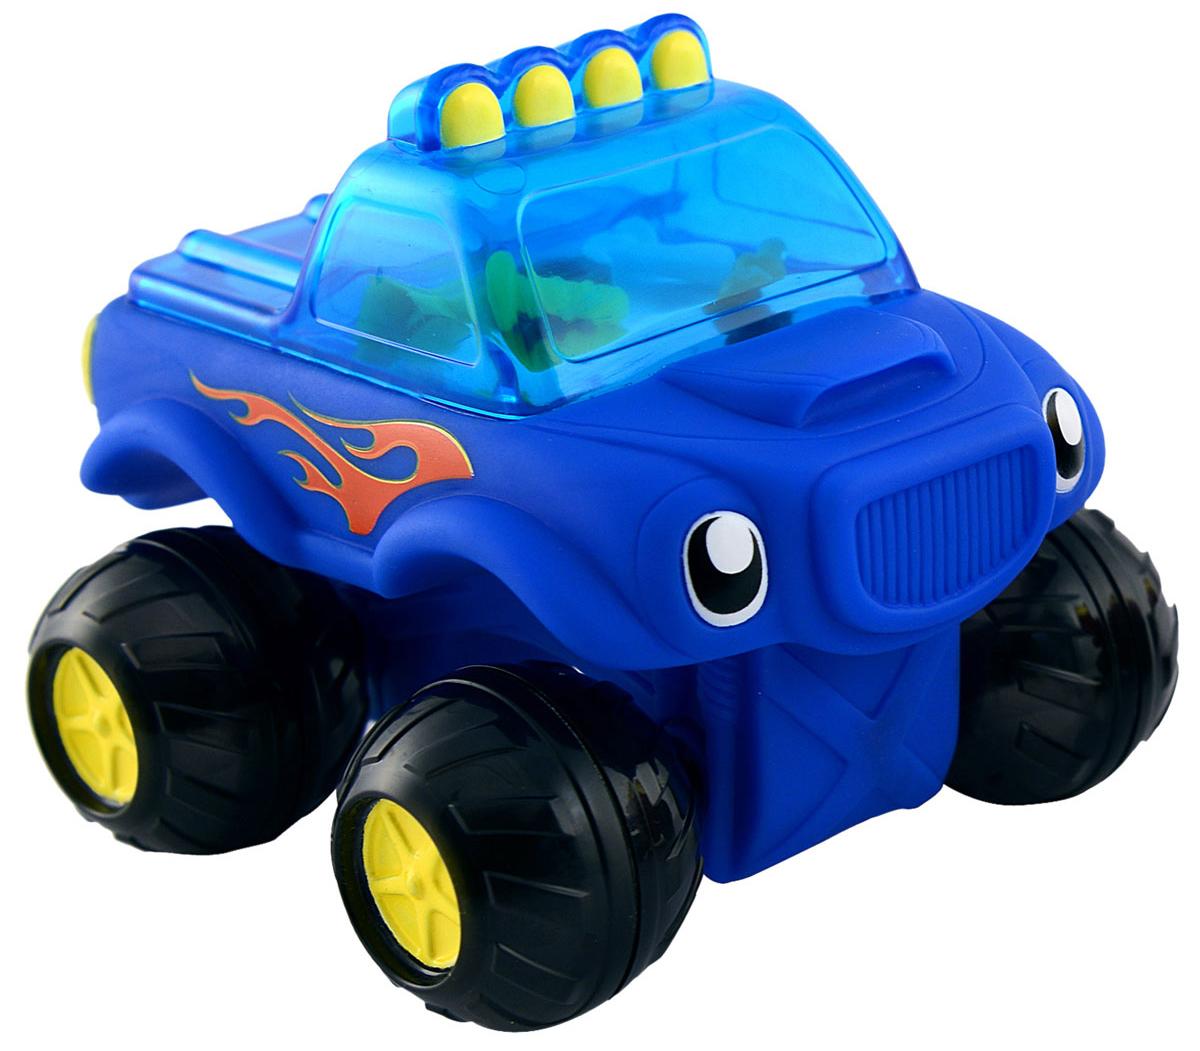 Munchkin Игрушка для ванны Машинка цвет синий11424_синийИгрушка для ванны Munchkin Машинка привлечет внимание вашего малыша и превратит купание в веселую игру. Эта яркая машинка на четырех колесиках со свободным ходом может не только ездить, но и плавать в воде. В кабине грузовика находится множество цветных инструментов, которые гремят во время движения машины, их хорошо видно через прозрачное окно. Игрушка для ванны Munchkin Машинка способствует развитию воображения, цветового восприятия, тактильных ощущений и мелкой моторики рук.